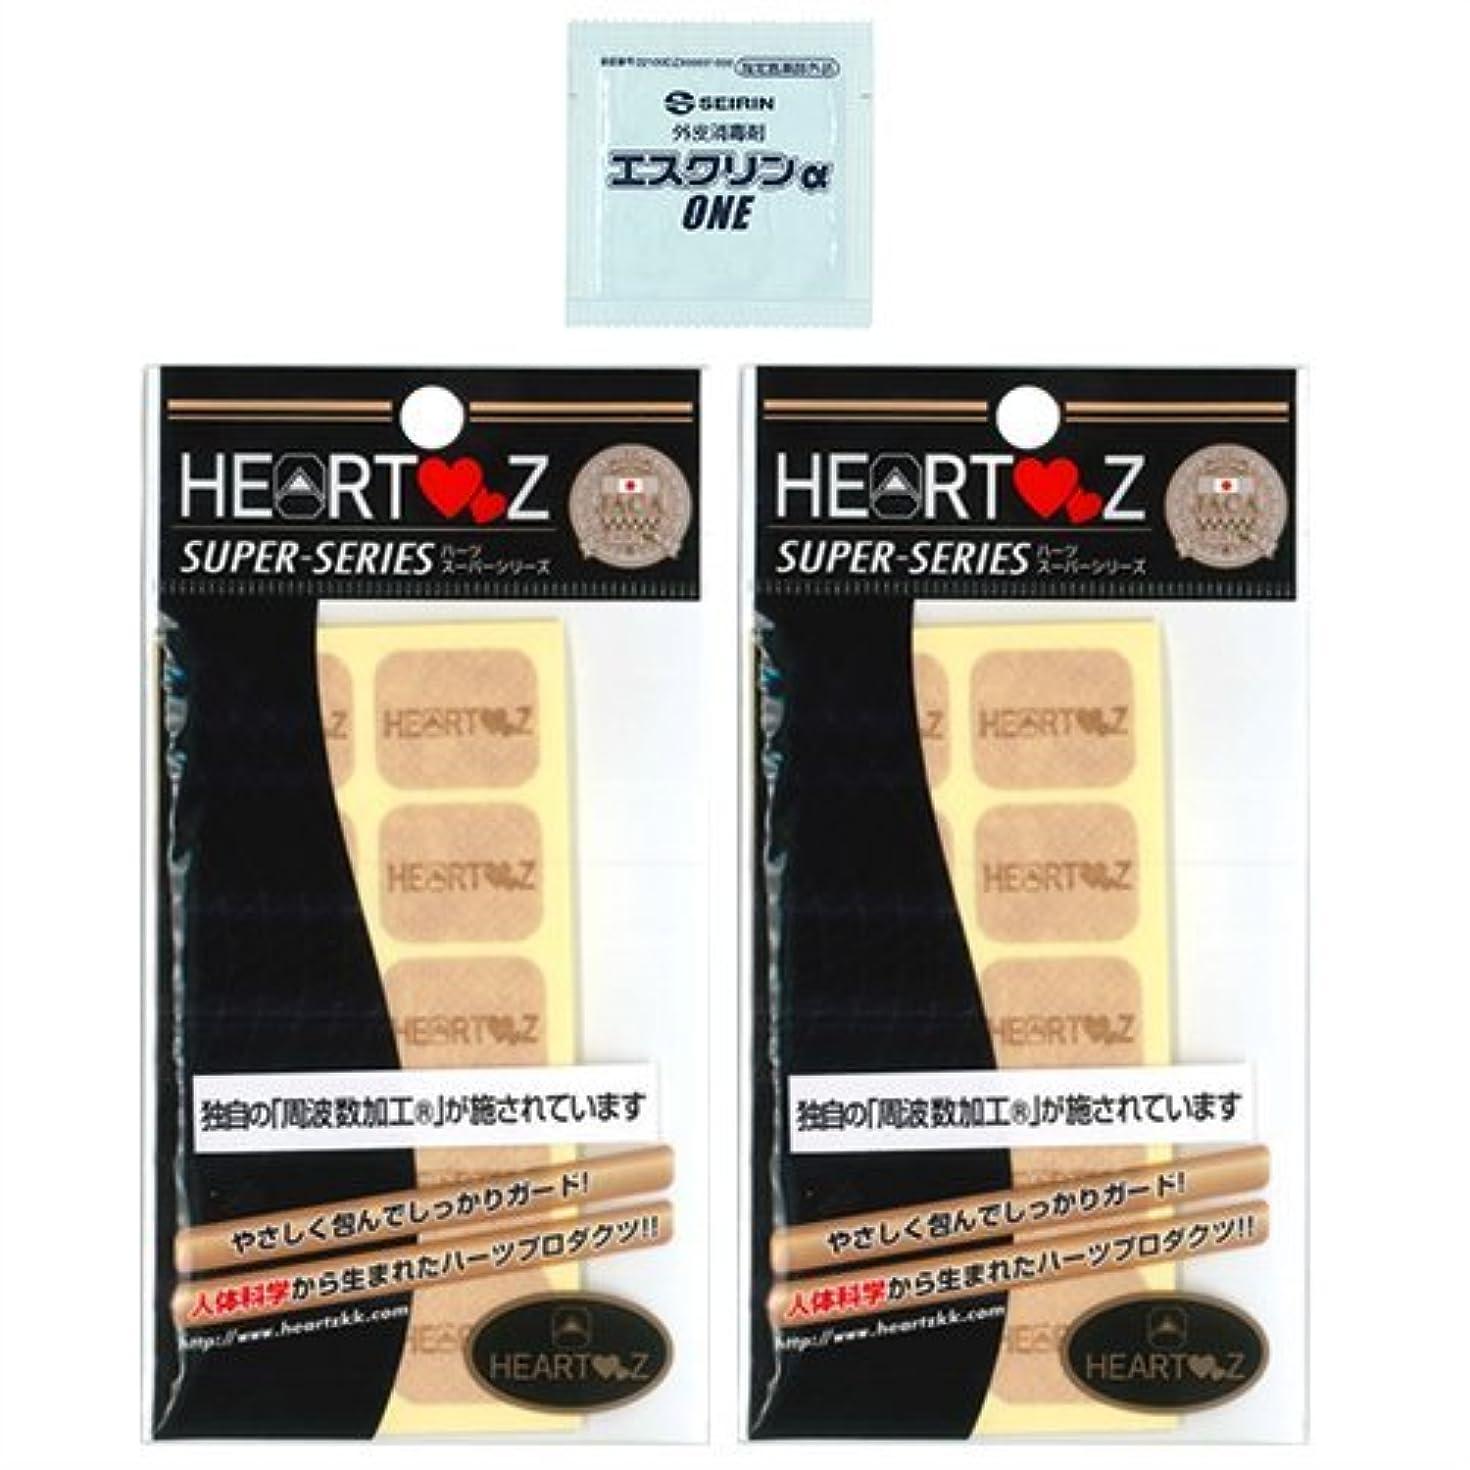 海外内陸不適当【HEARTZ(ハーツ)】ハーツスーパーシール レギュラータイプ 80枚入×2個セット (計160枚) + エスクリンαONEx1個 セット